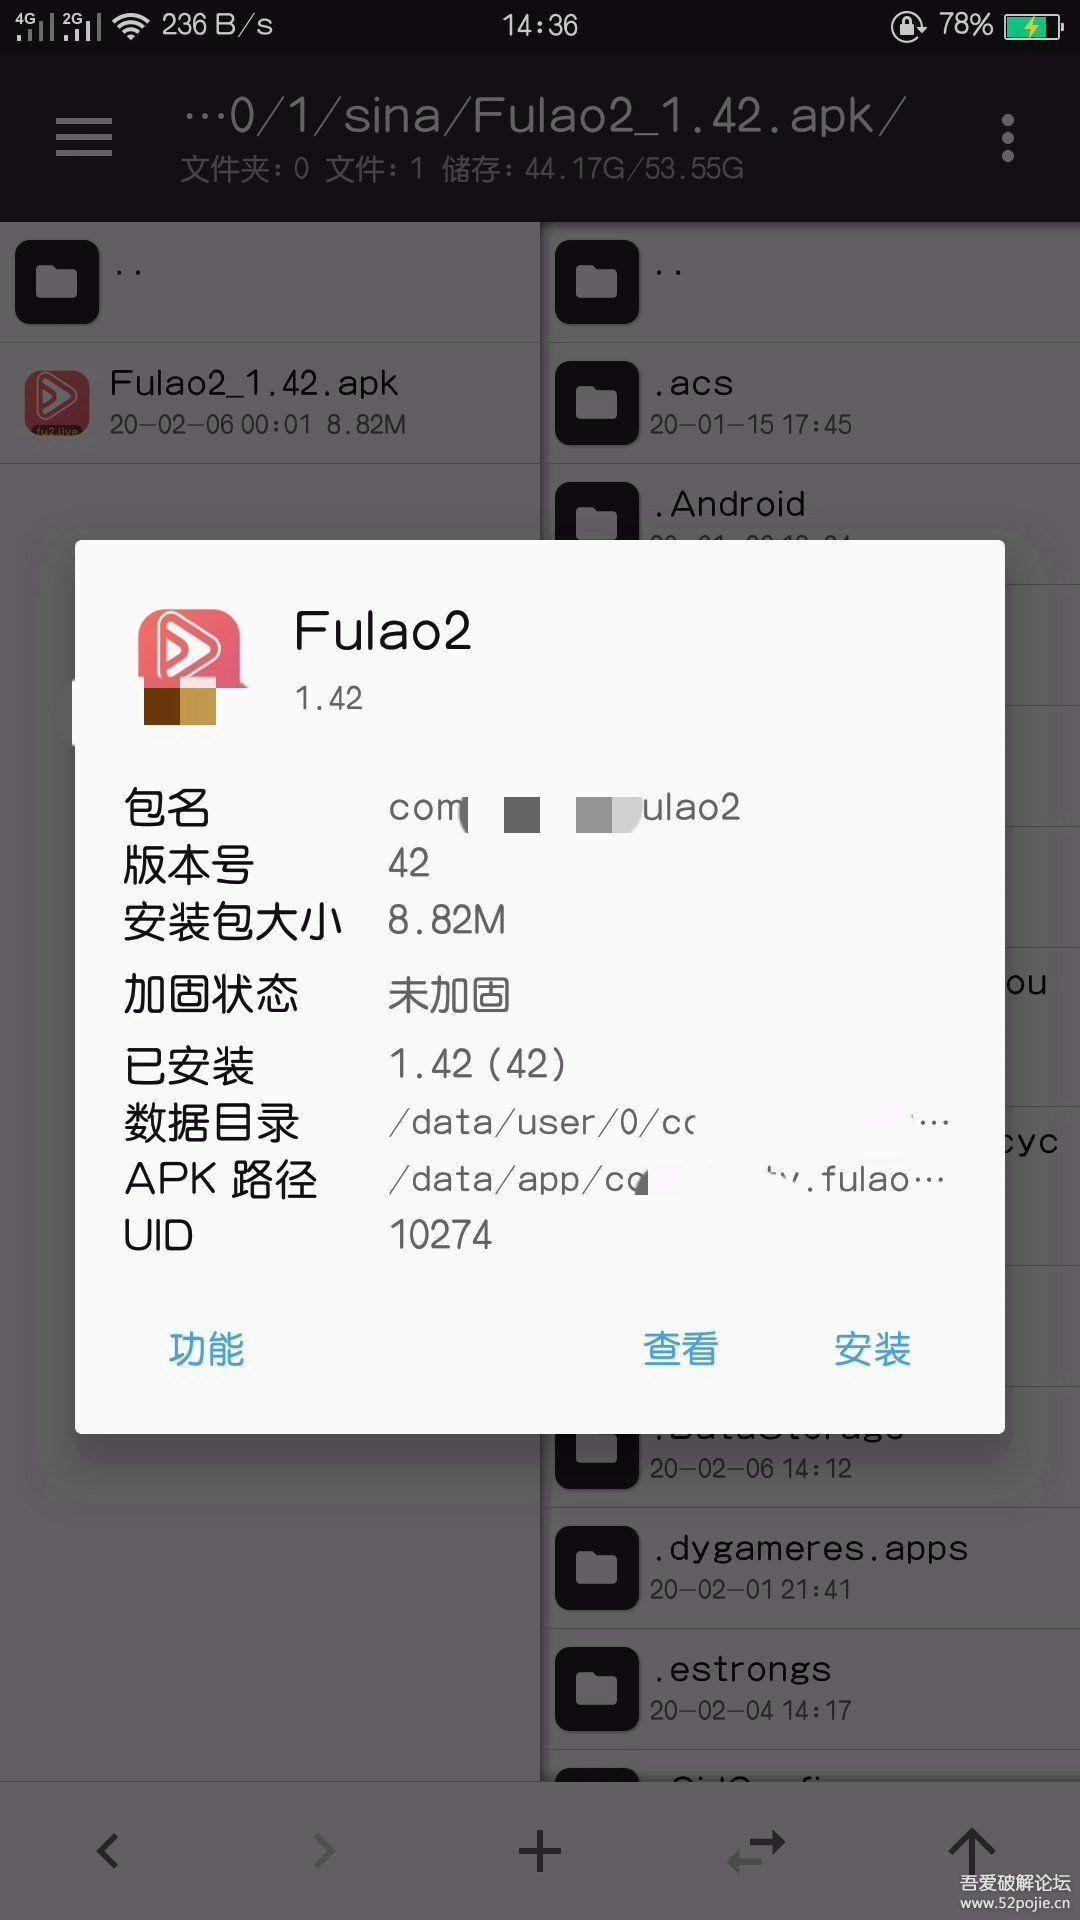 [转]福利软件 Fulao2破解教程